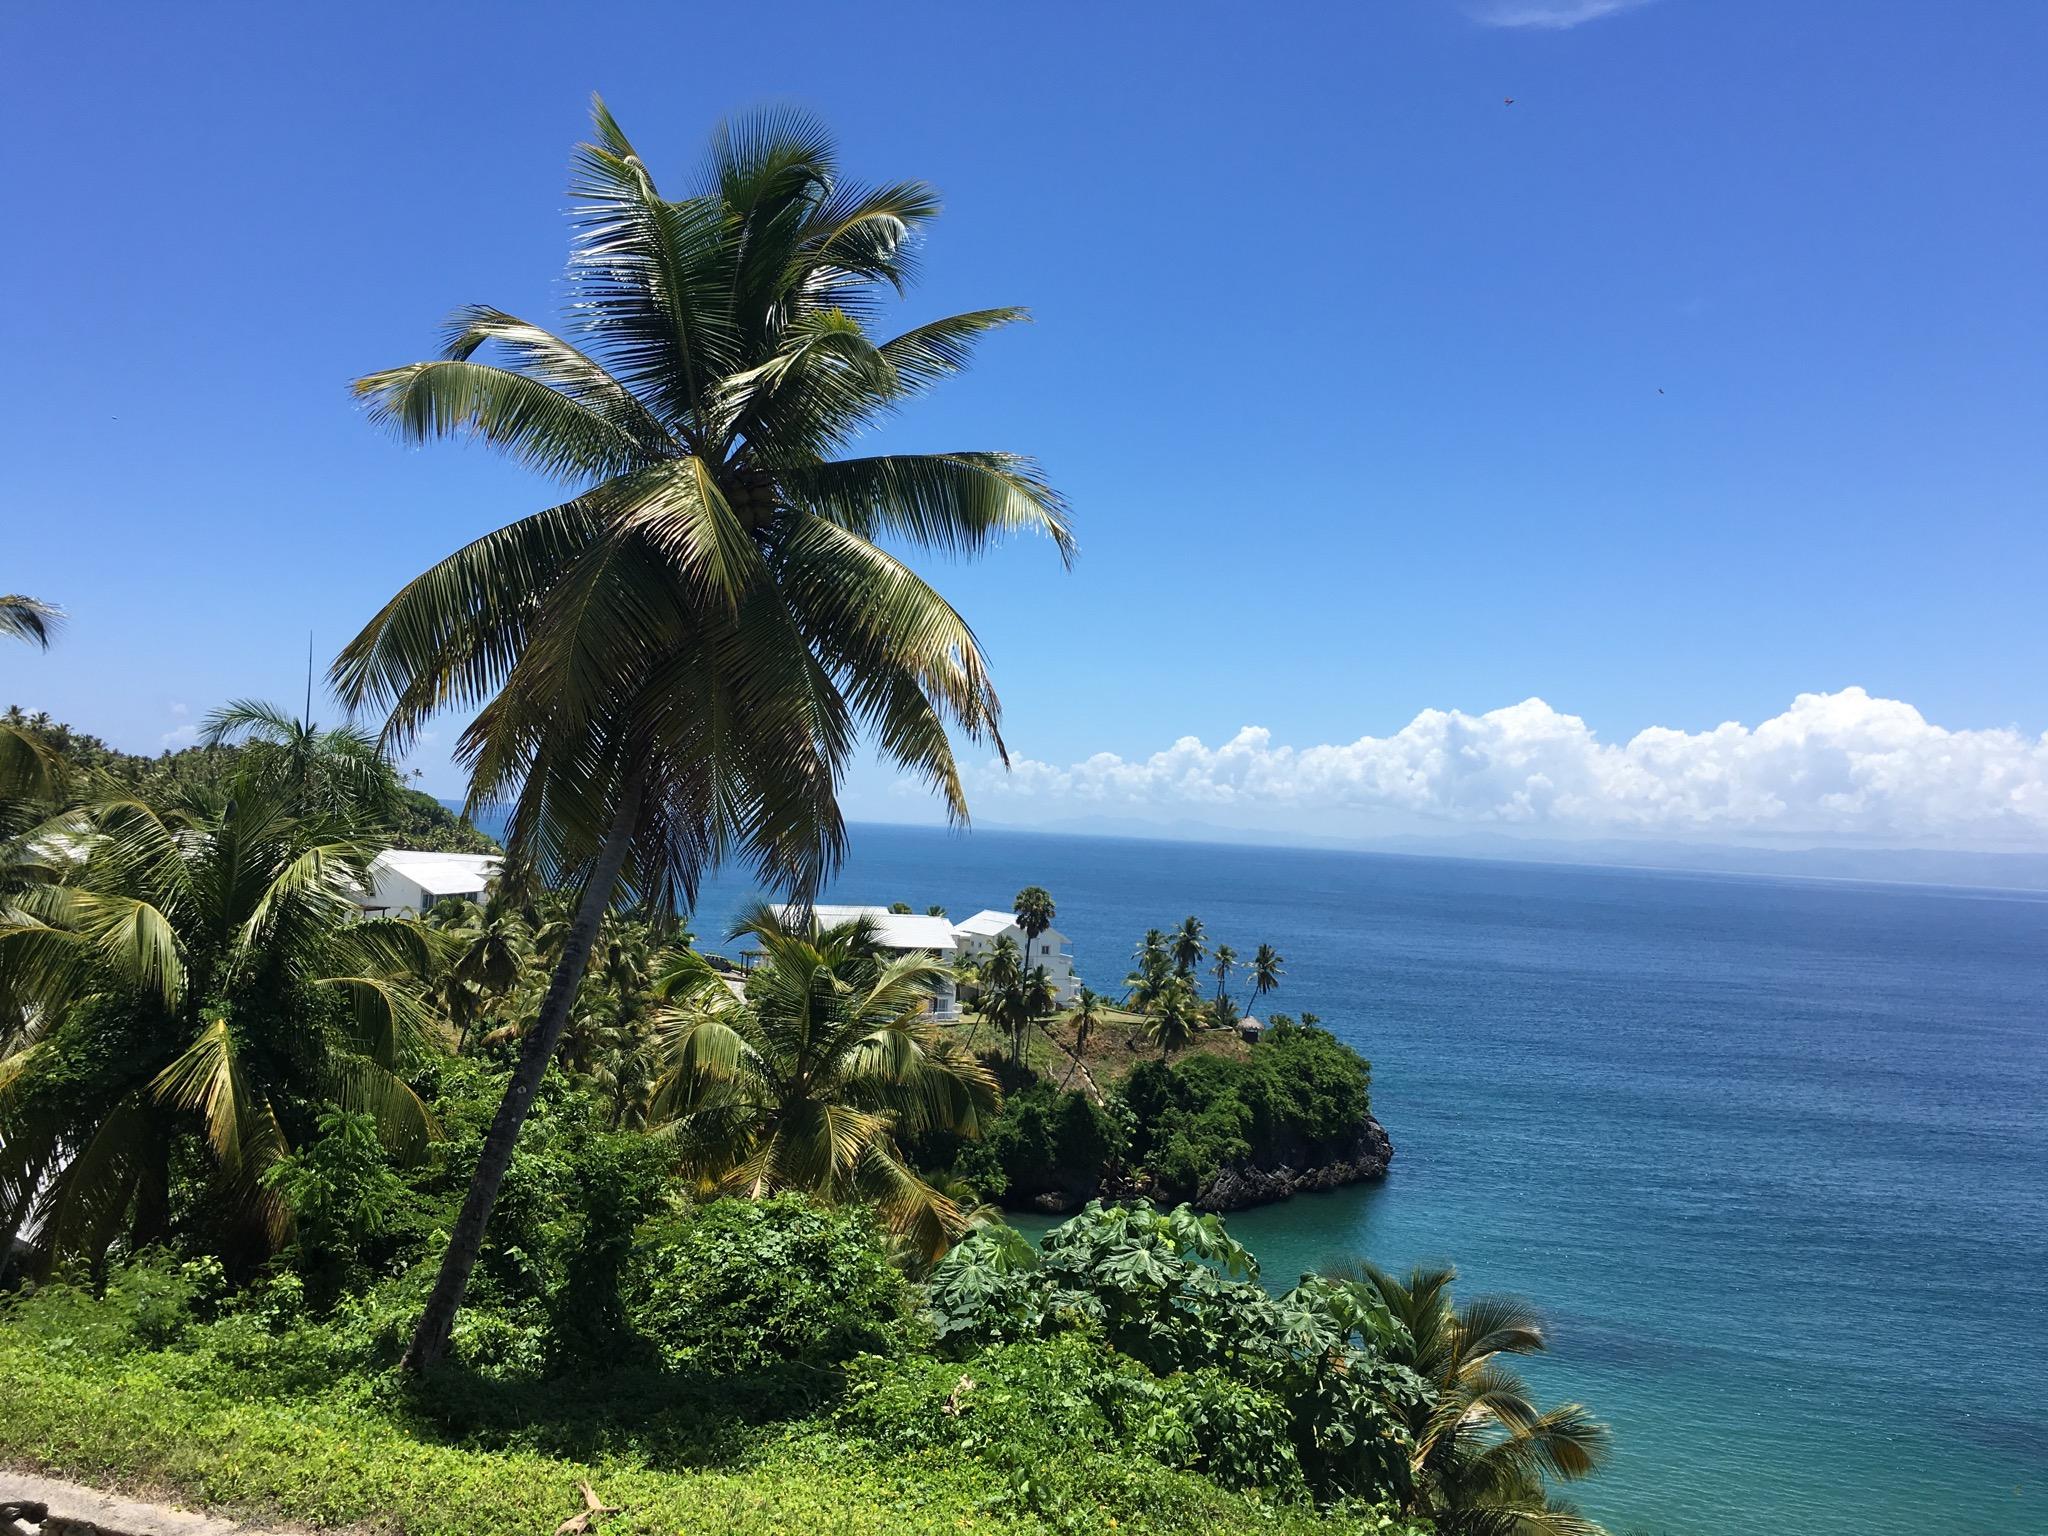 VISTA MARE - 2 BED 2 BATH OCEAN VIEW CONDO - $220,000 USD - A572LT